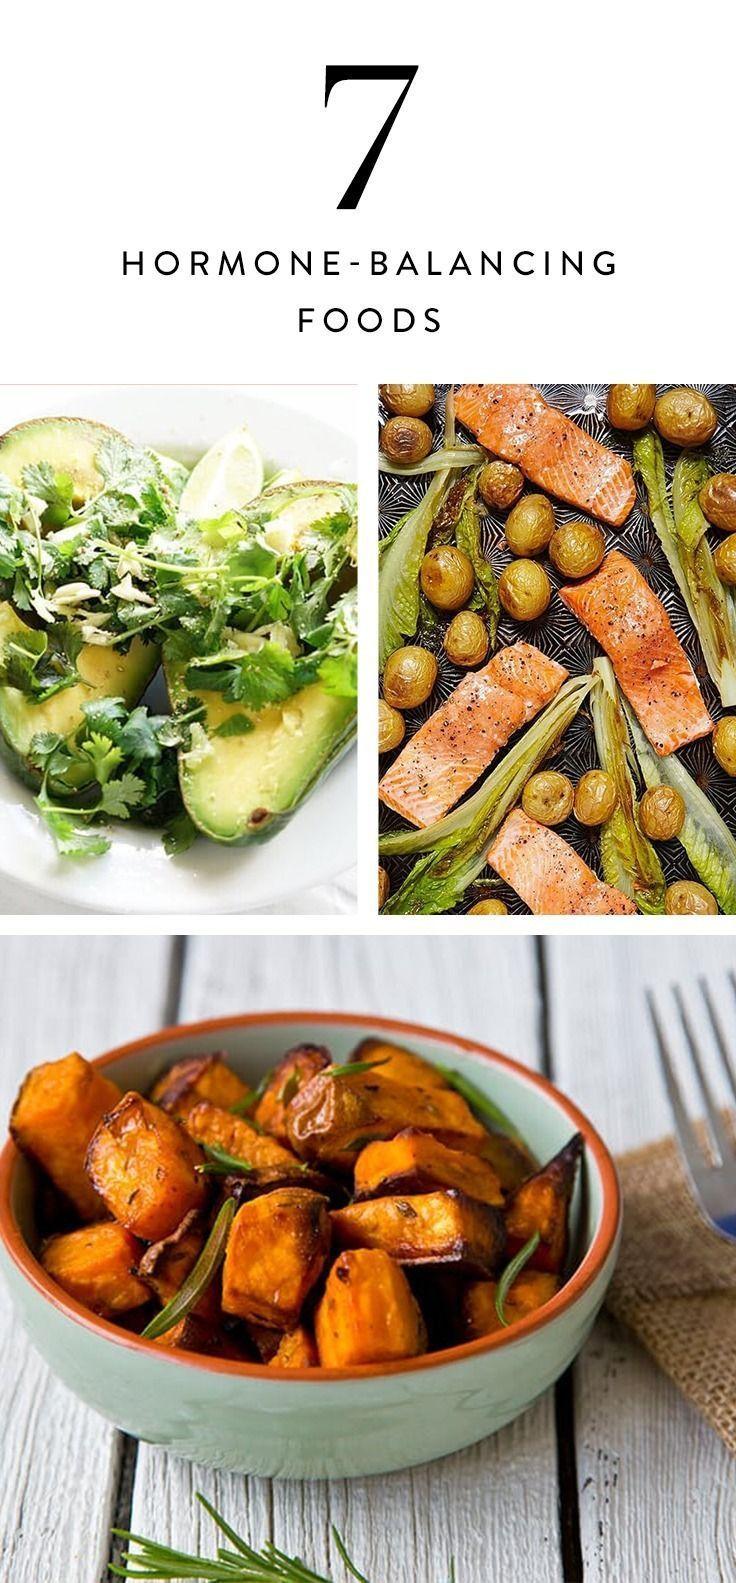 Wöchentliche Diät mit Kalorien aus jedem Lebensmittel